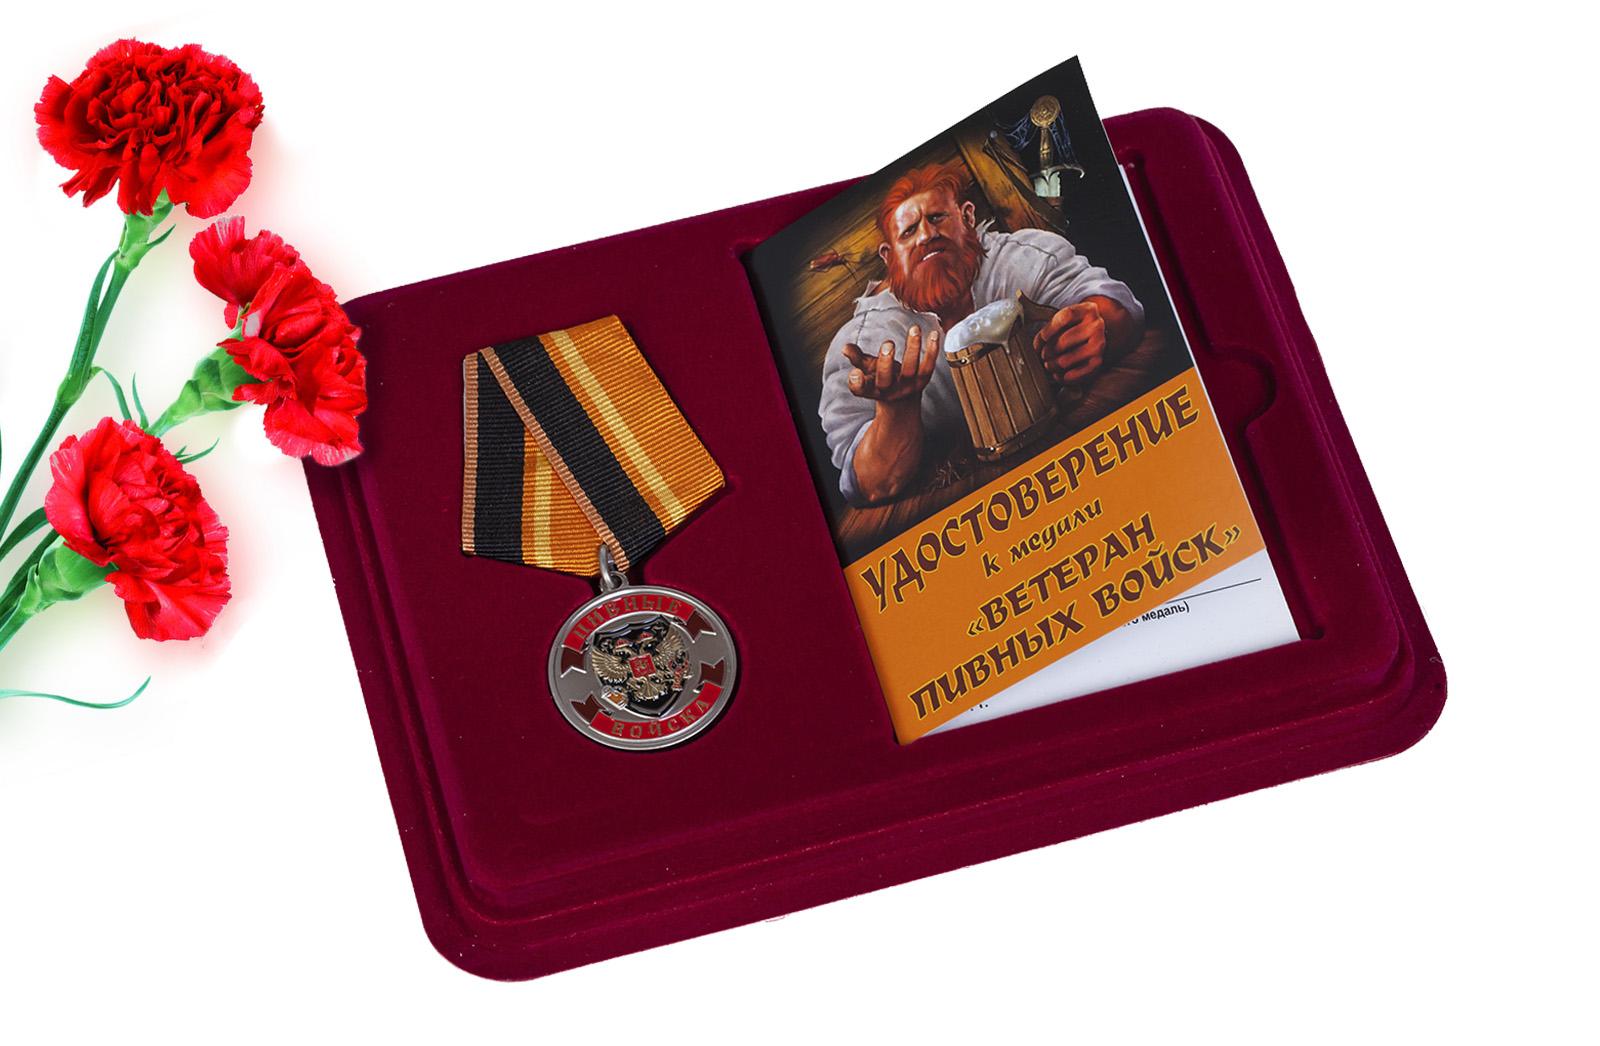 Медаль Пивные войска